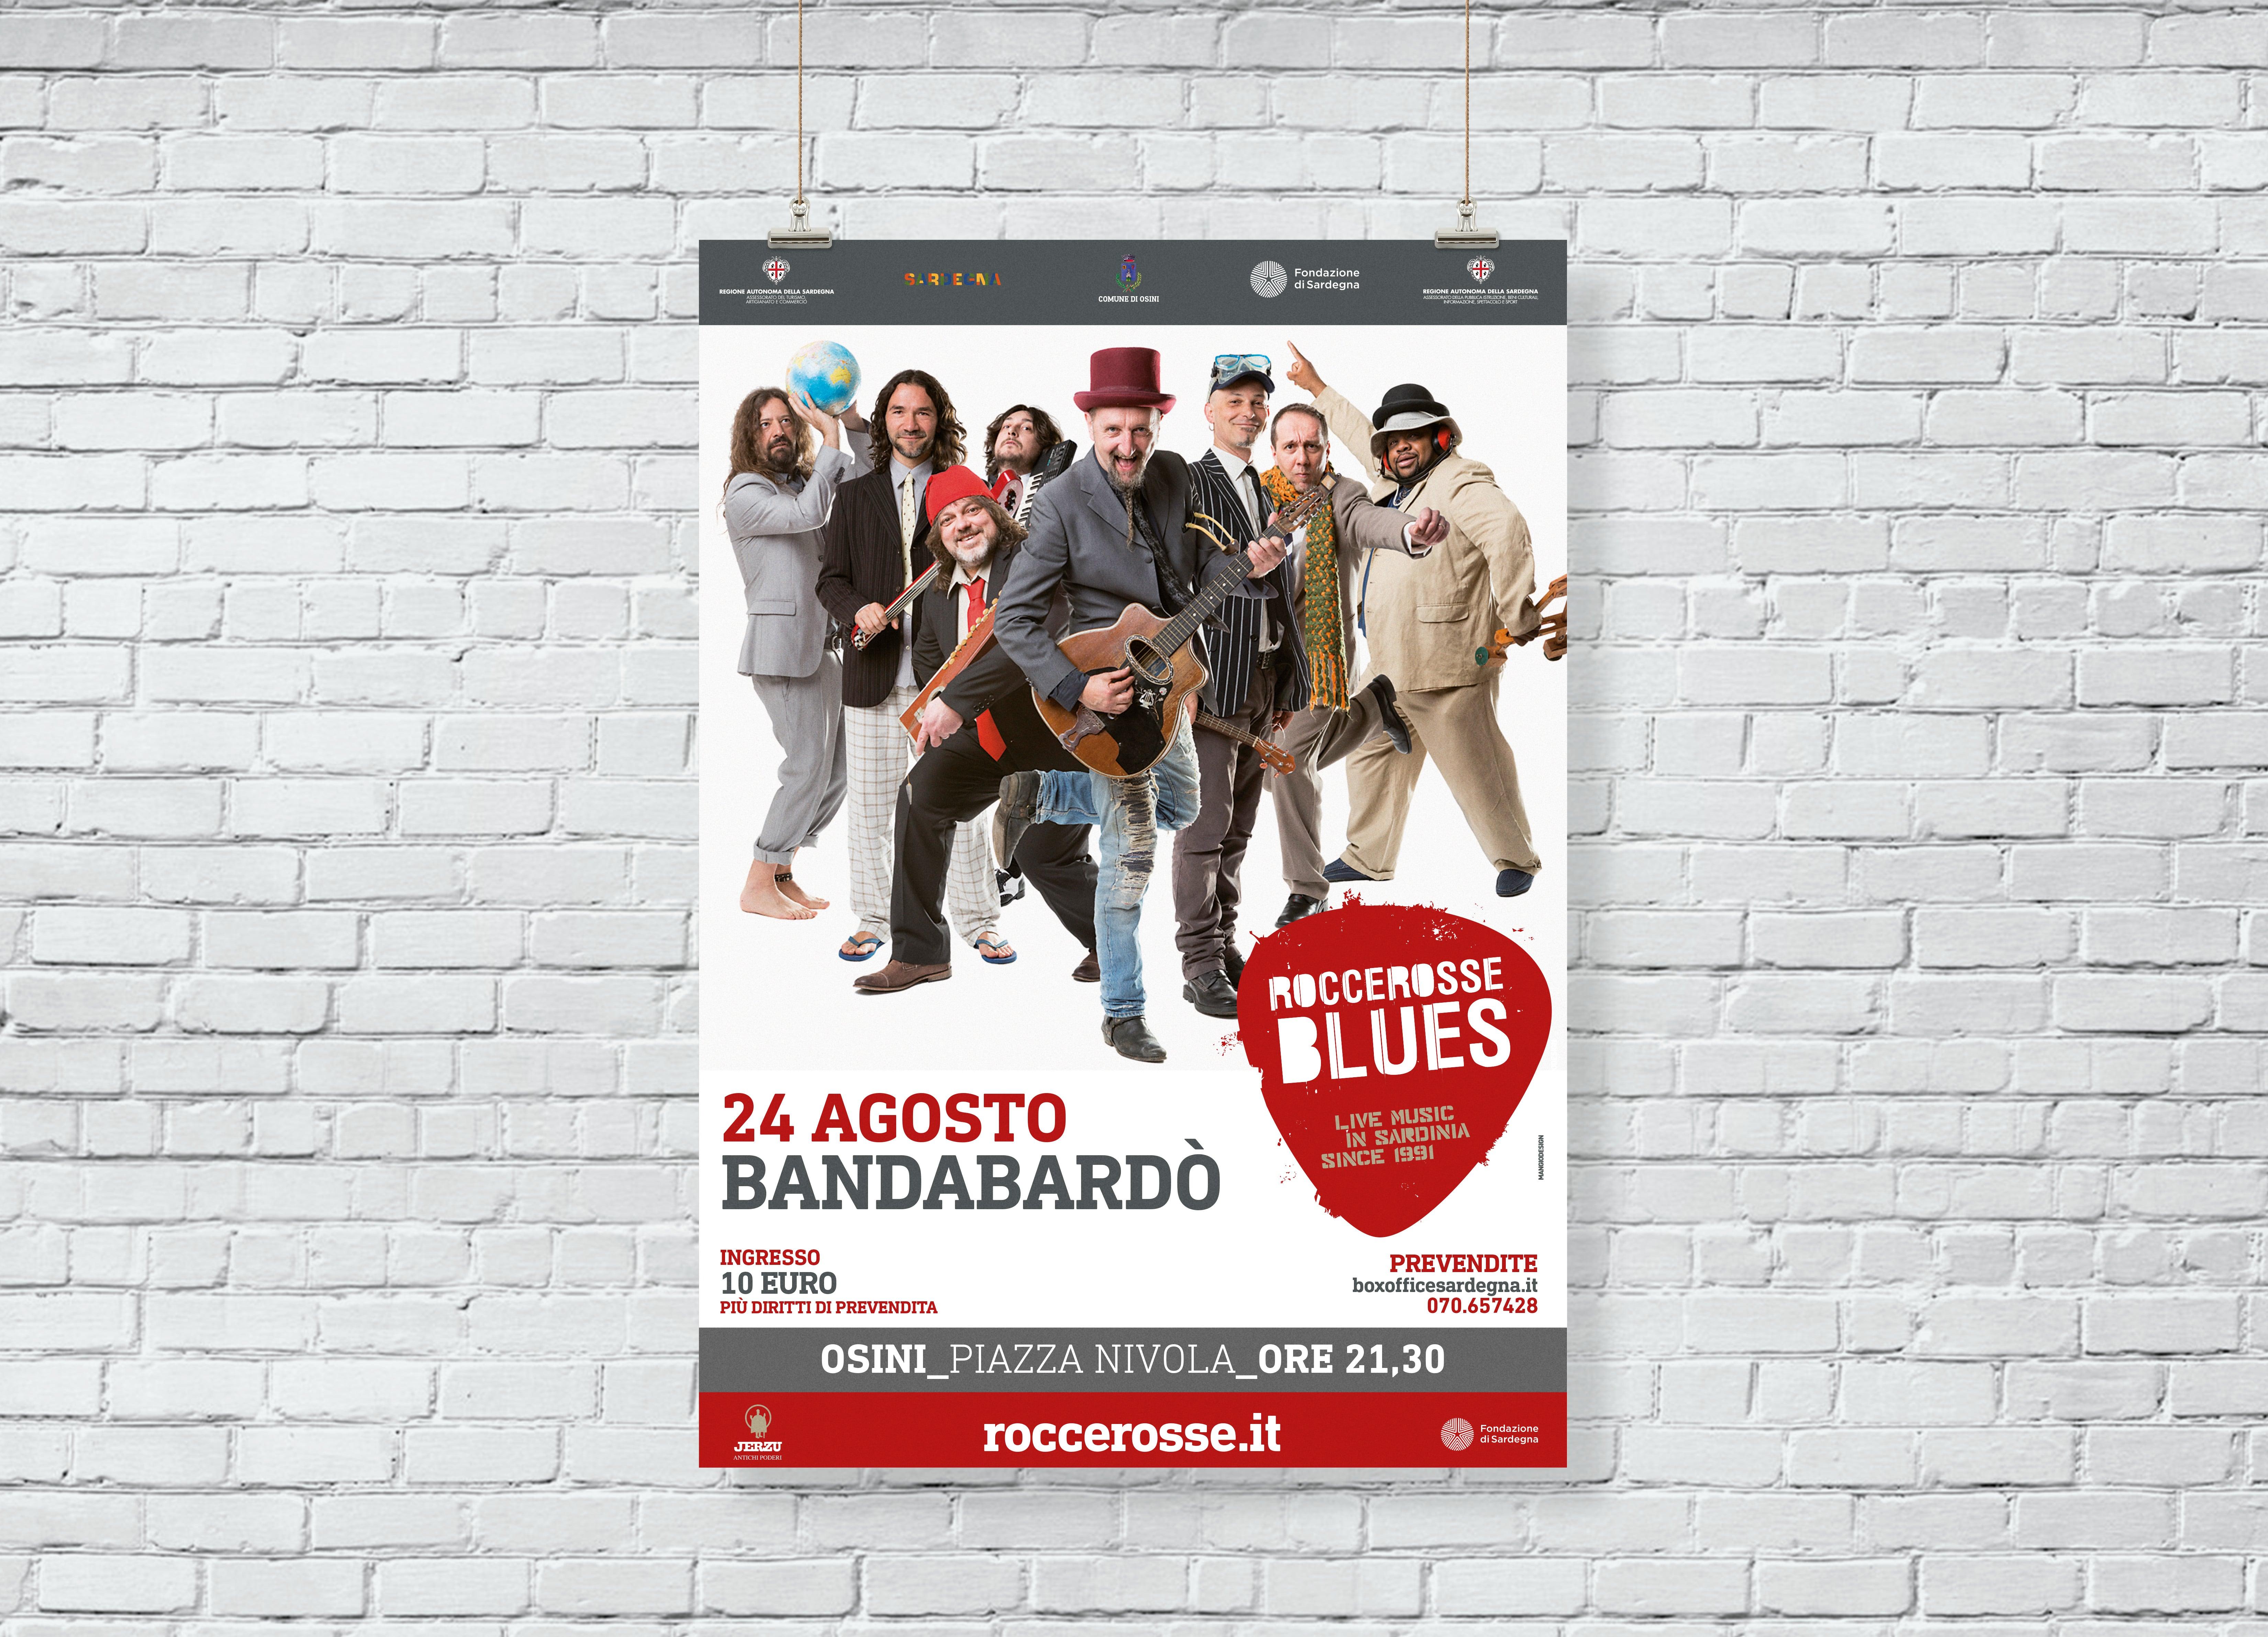 RocceRosse Blues - edizione 2018 - Poster Bandabardo